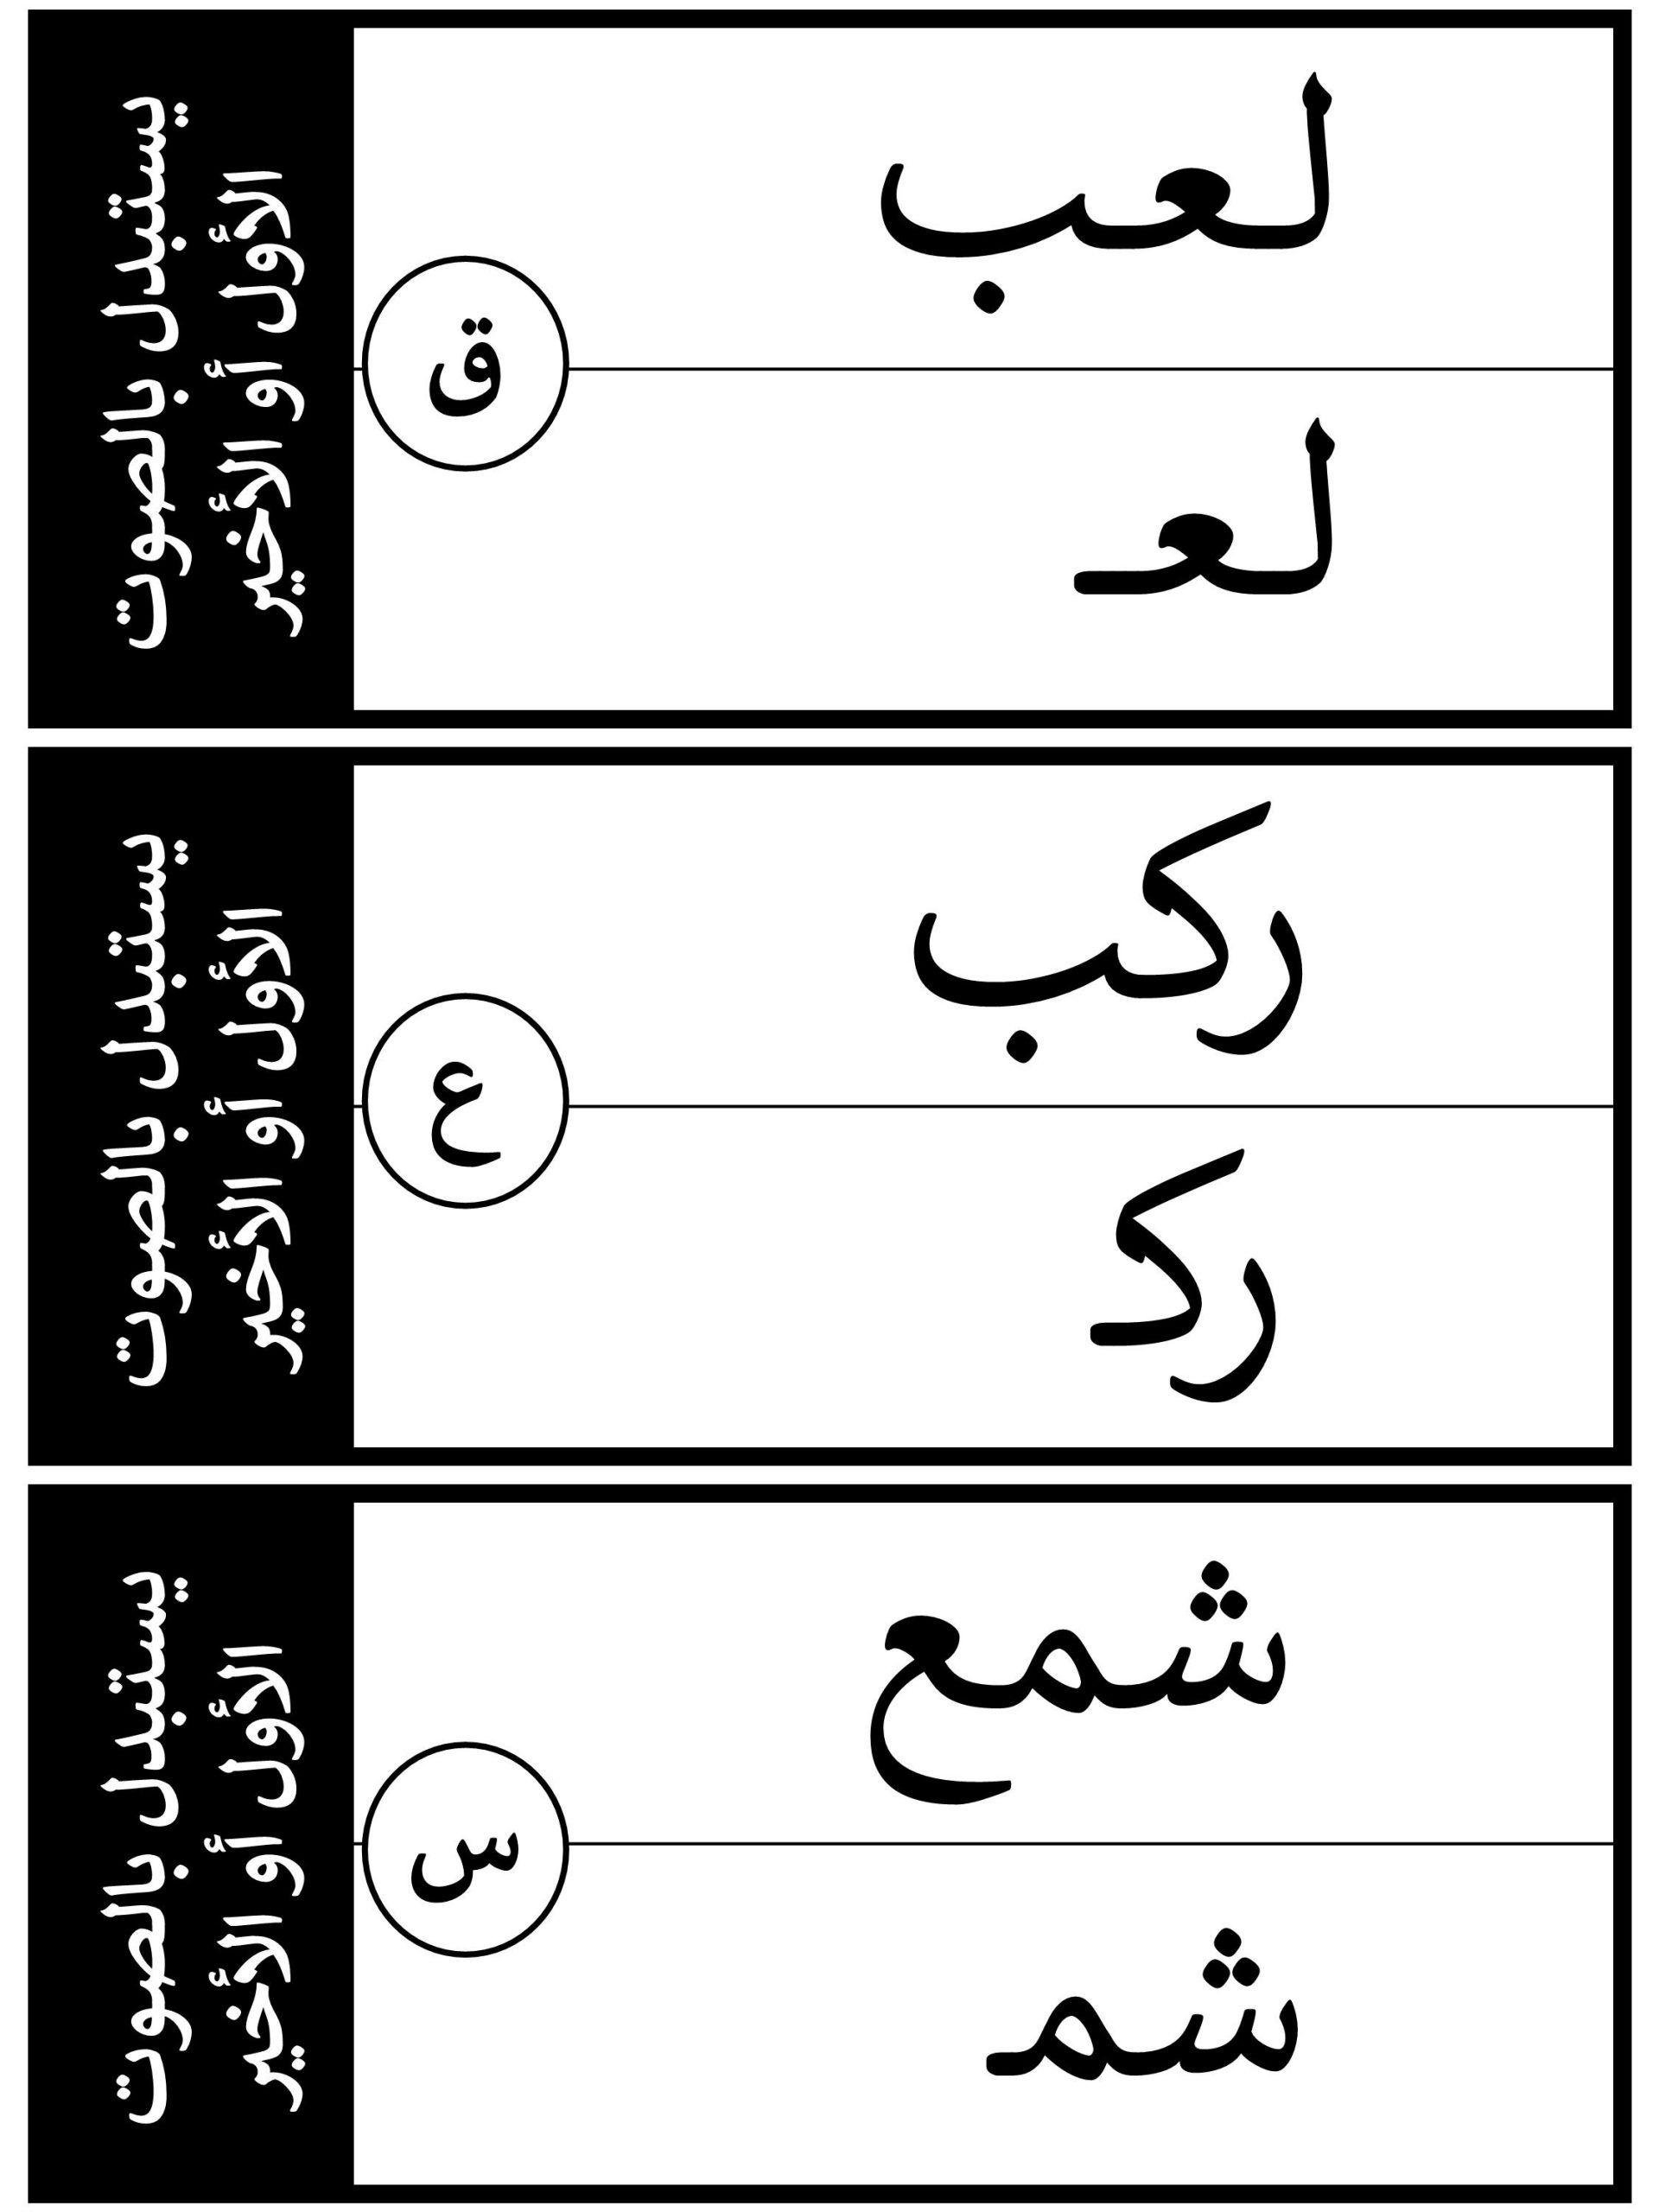 تمرين استبدال الحروف لتكوين كلمات جديدة بطريقة مبسطة